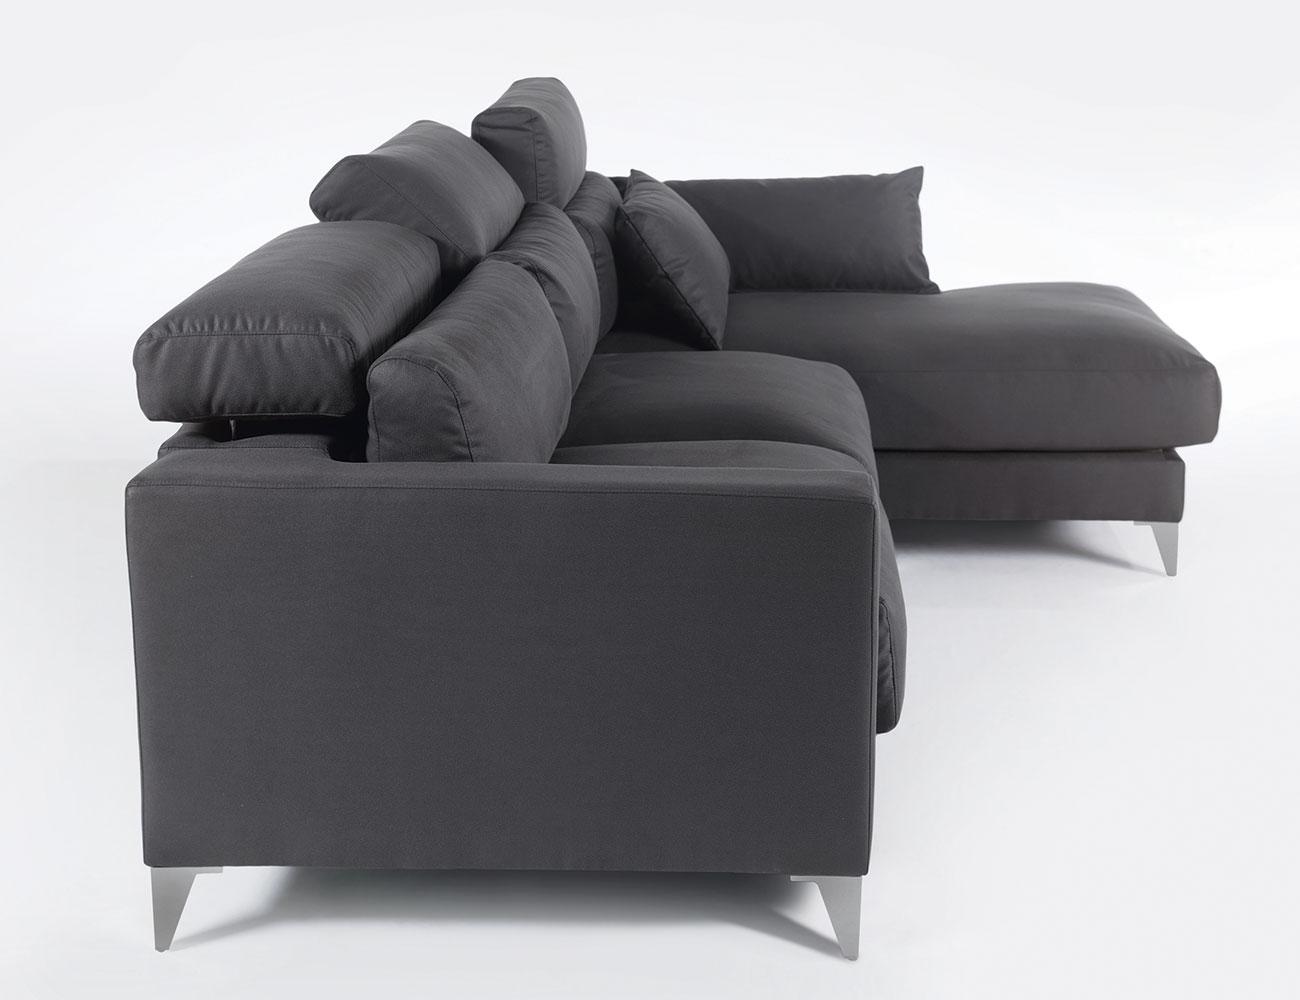 Sofa chaiselongue gran lujo decorativo grafito 129